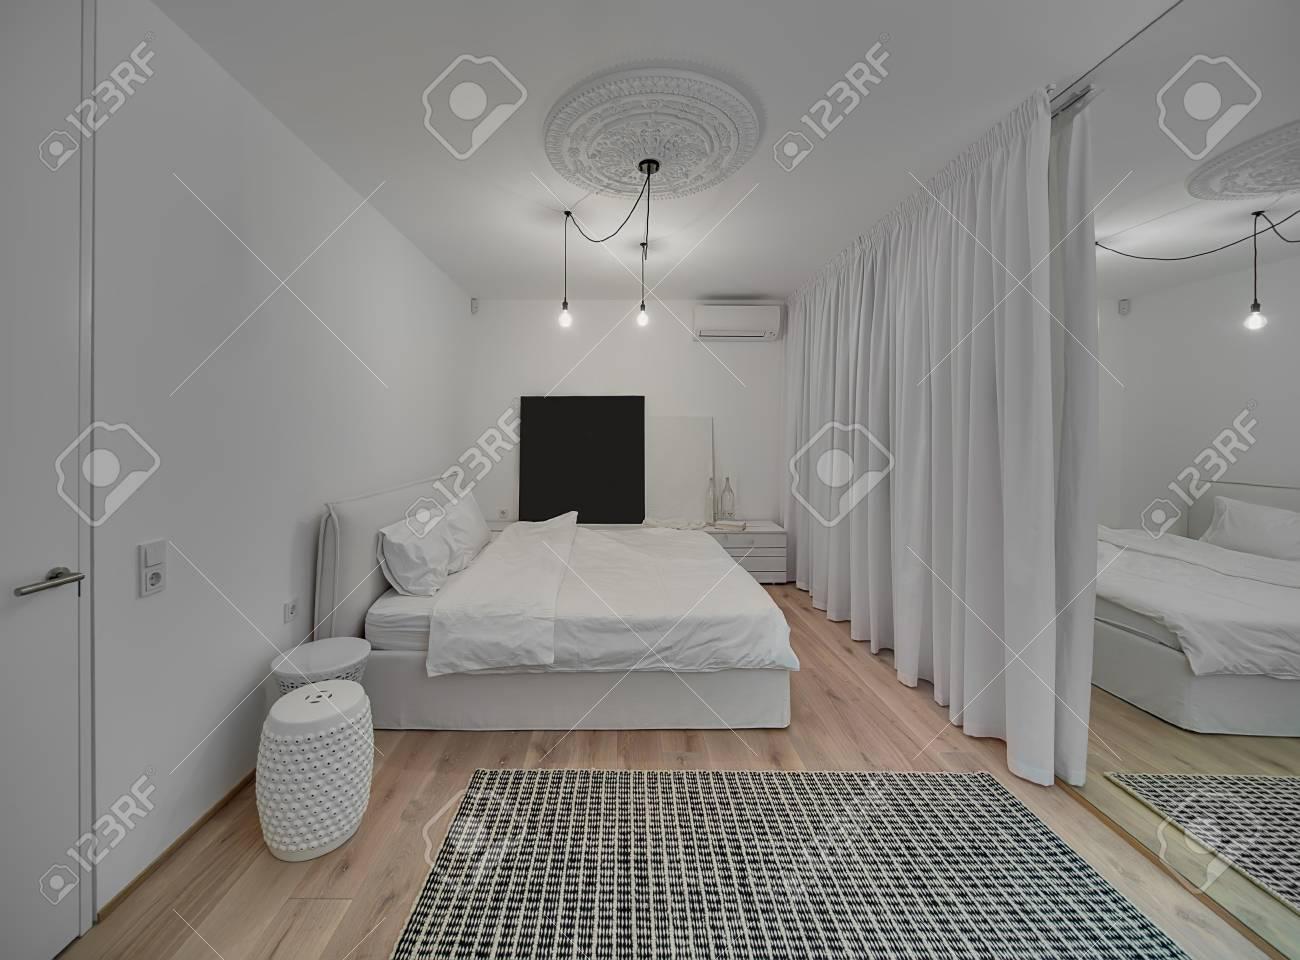 Modernes Schlafzimmer Mit Weißen Wänden Und Ein Parkett Mit Einem Teppich  Auf Dem Boden. Es Gibt Ein Bett Mit Weißen Kissen Und Decke, Design  Nachttische, ...